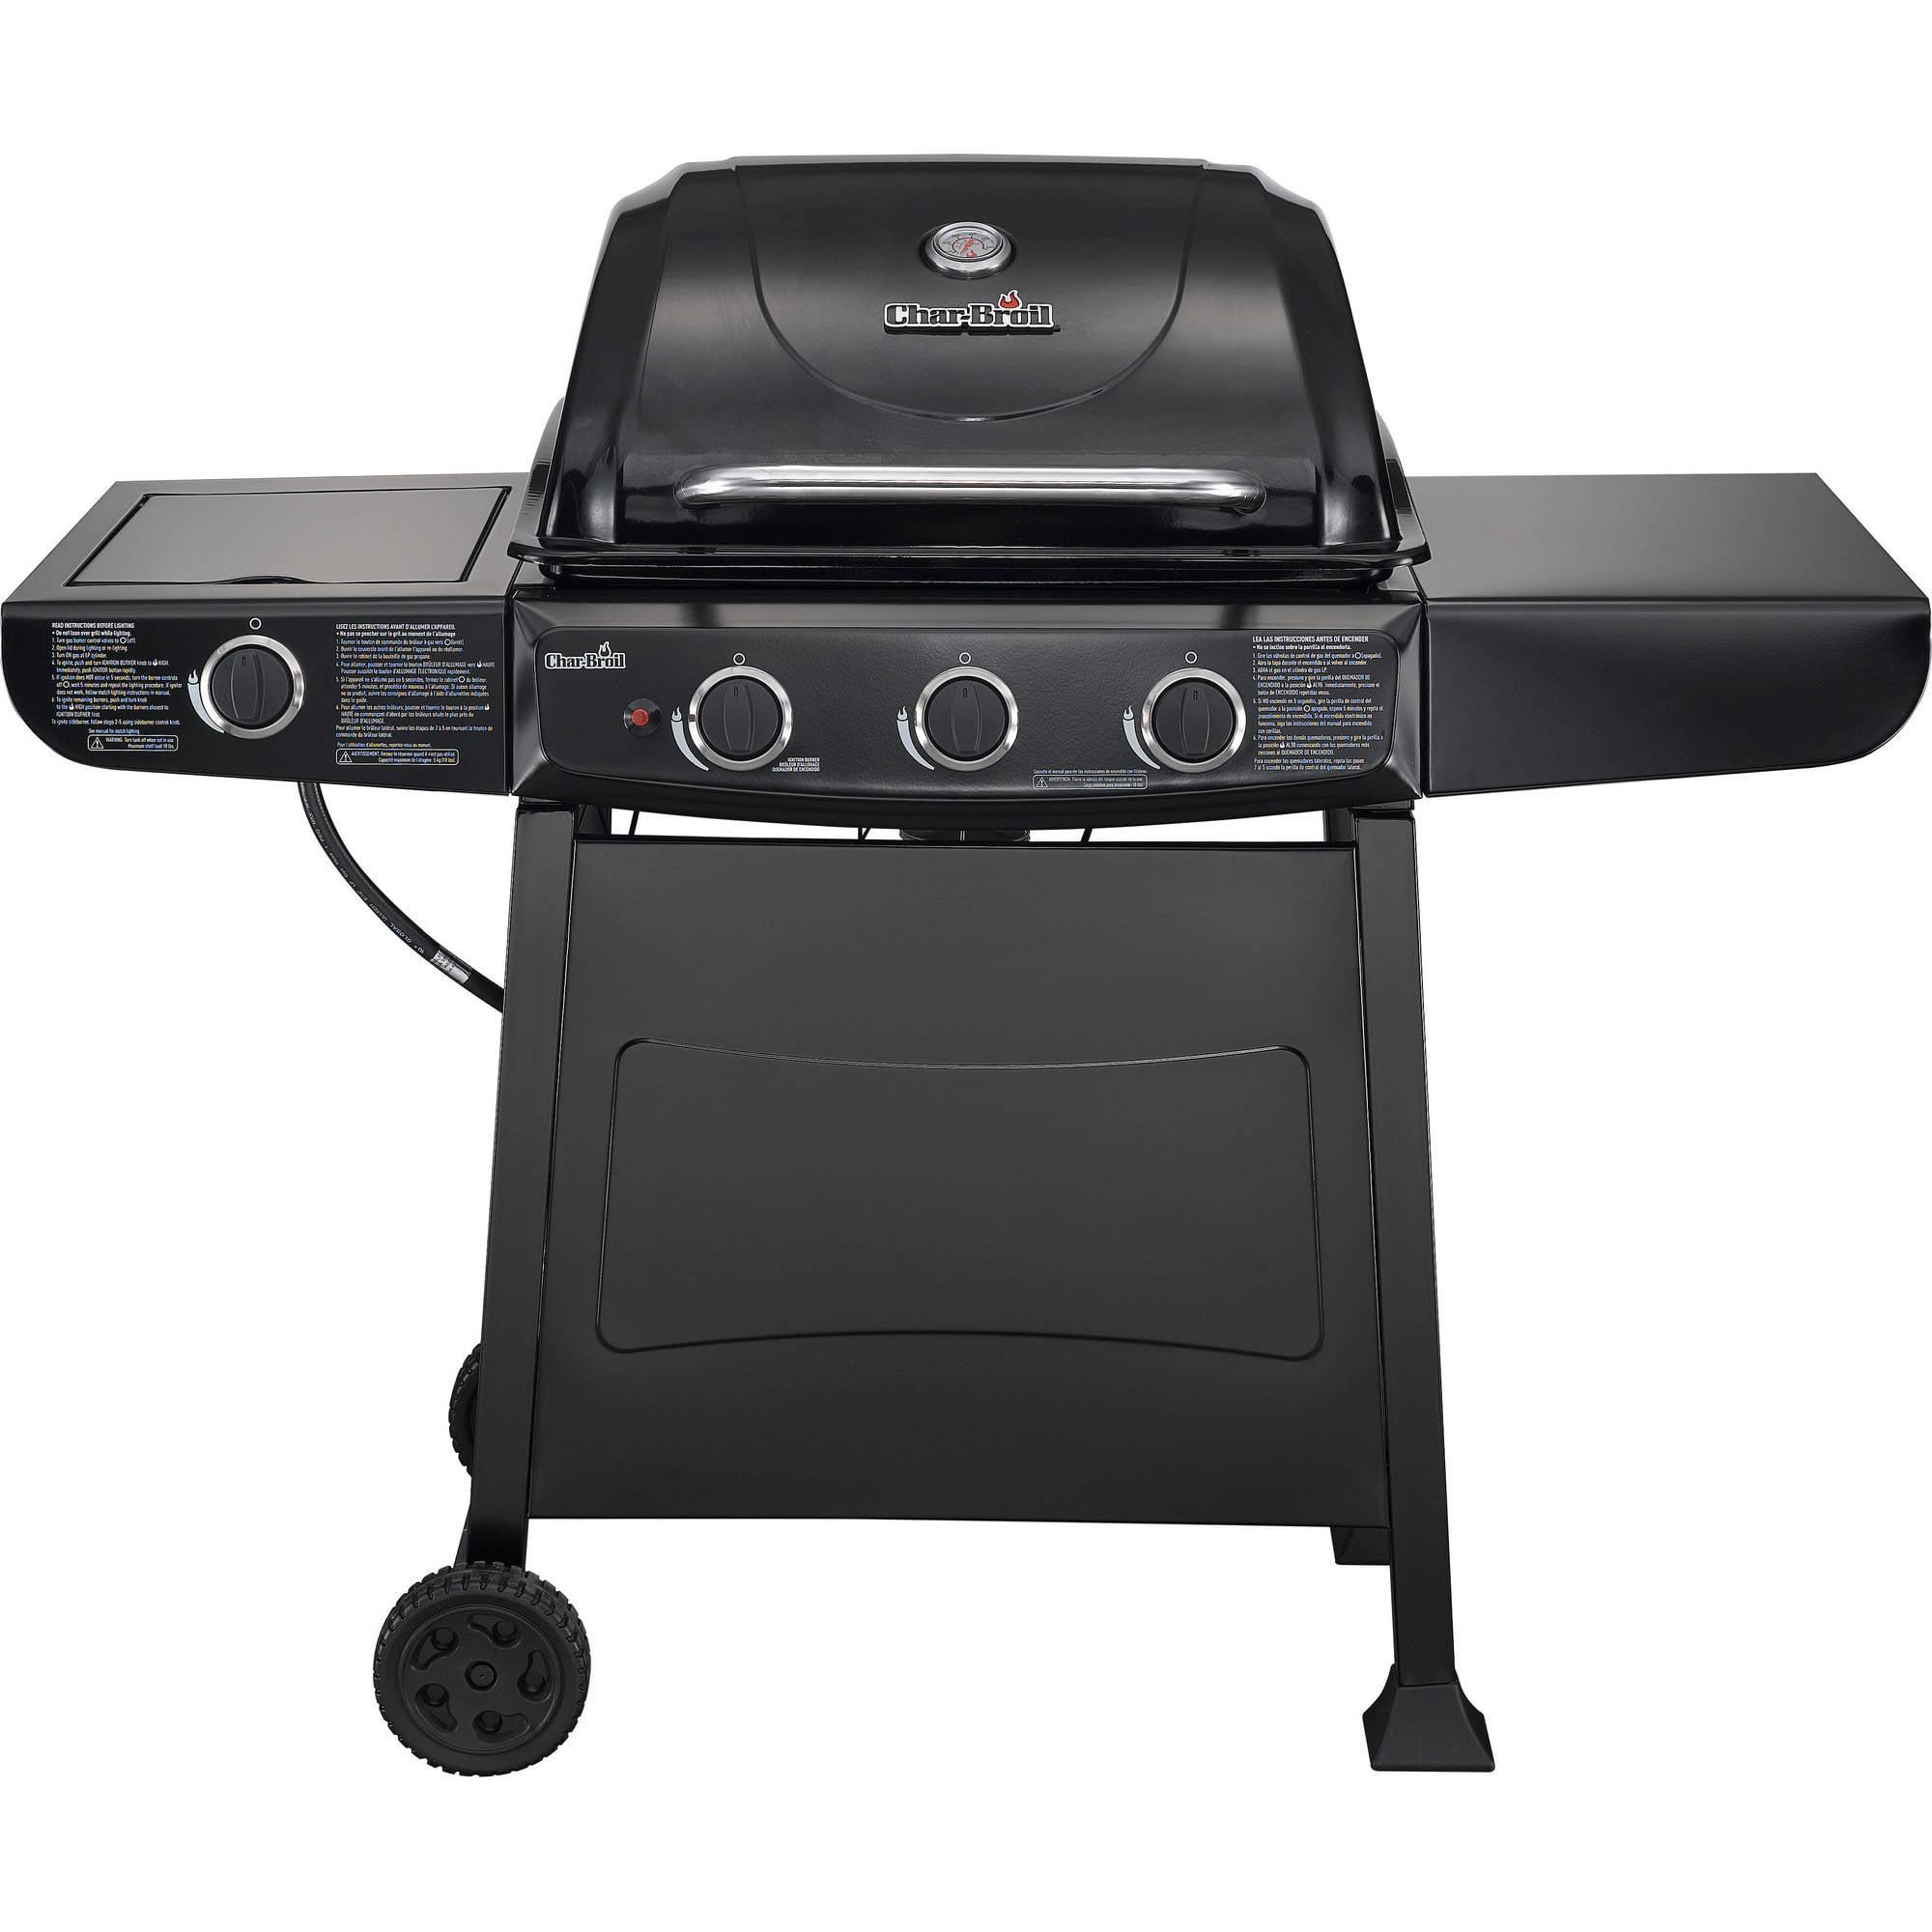 char broil 4 burner gas grill with side burner stainless. Black Bedroom Furniture Sets. Home Design Ideas